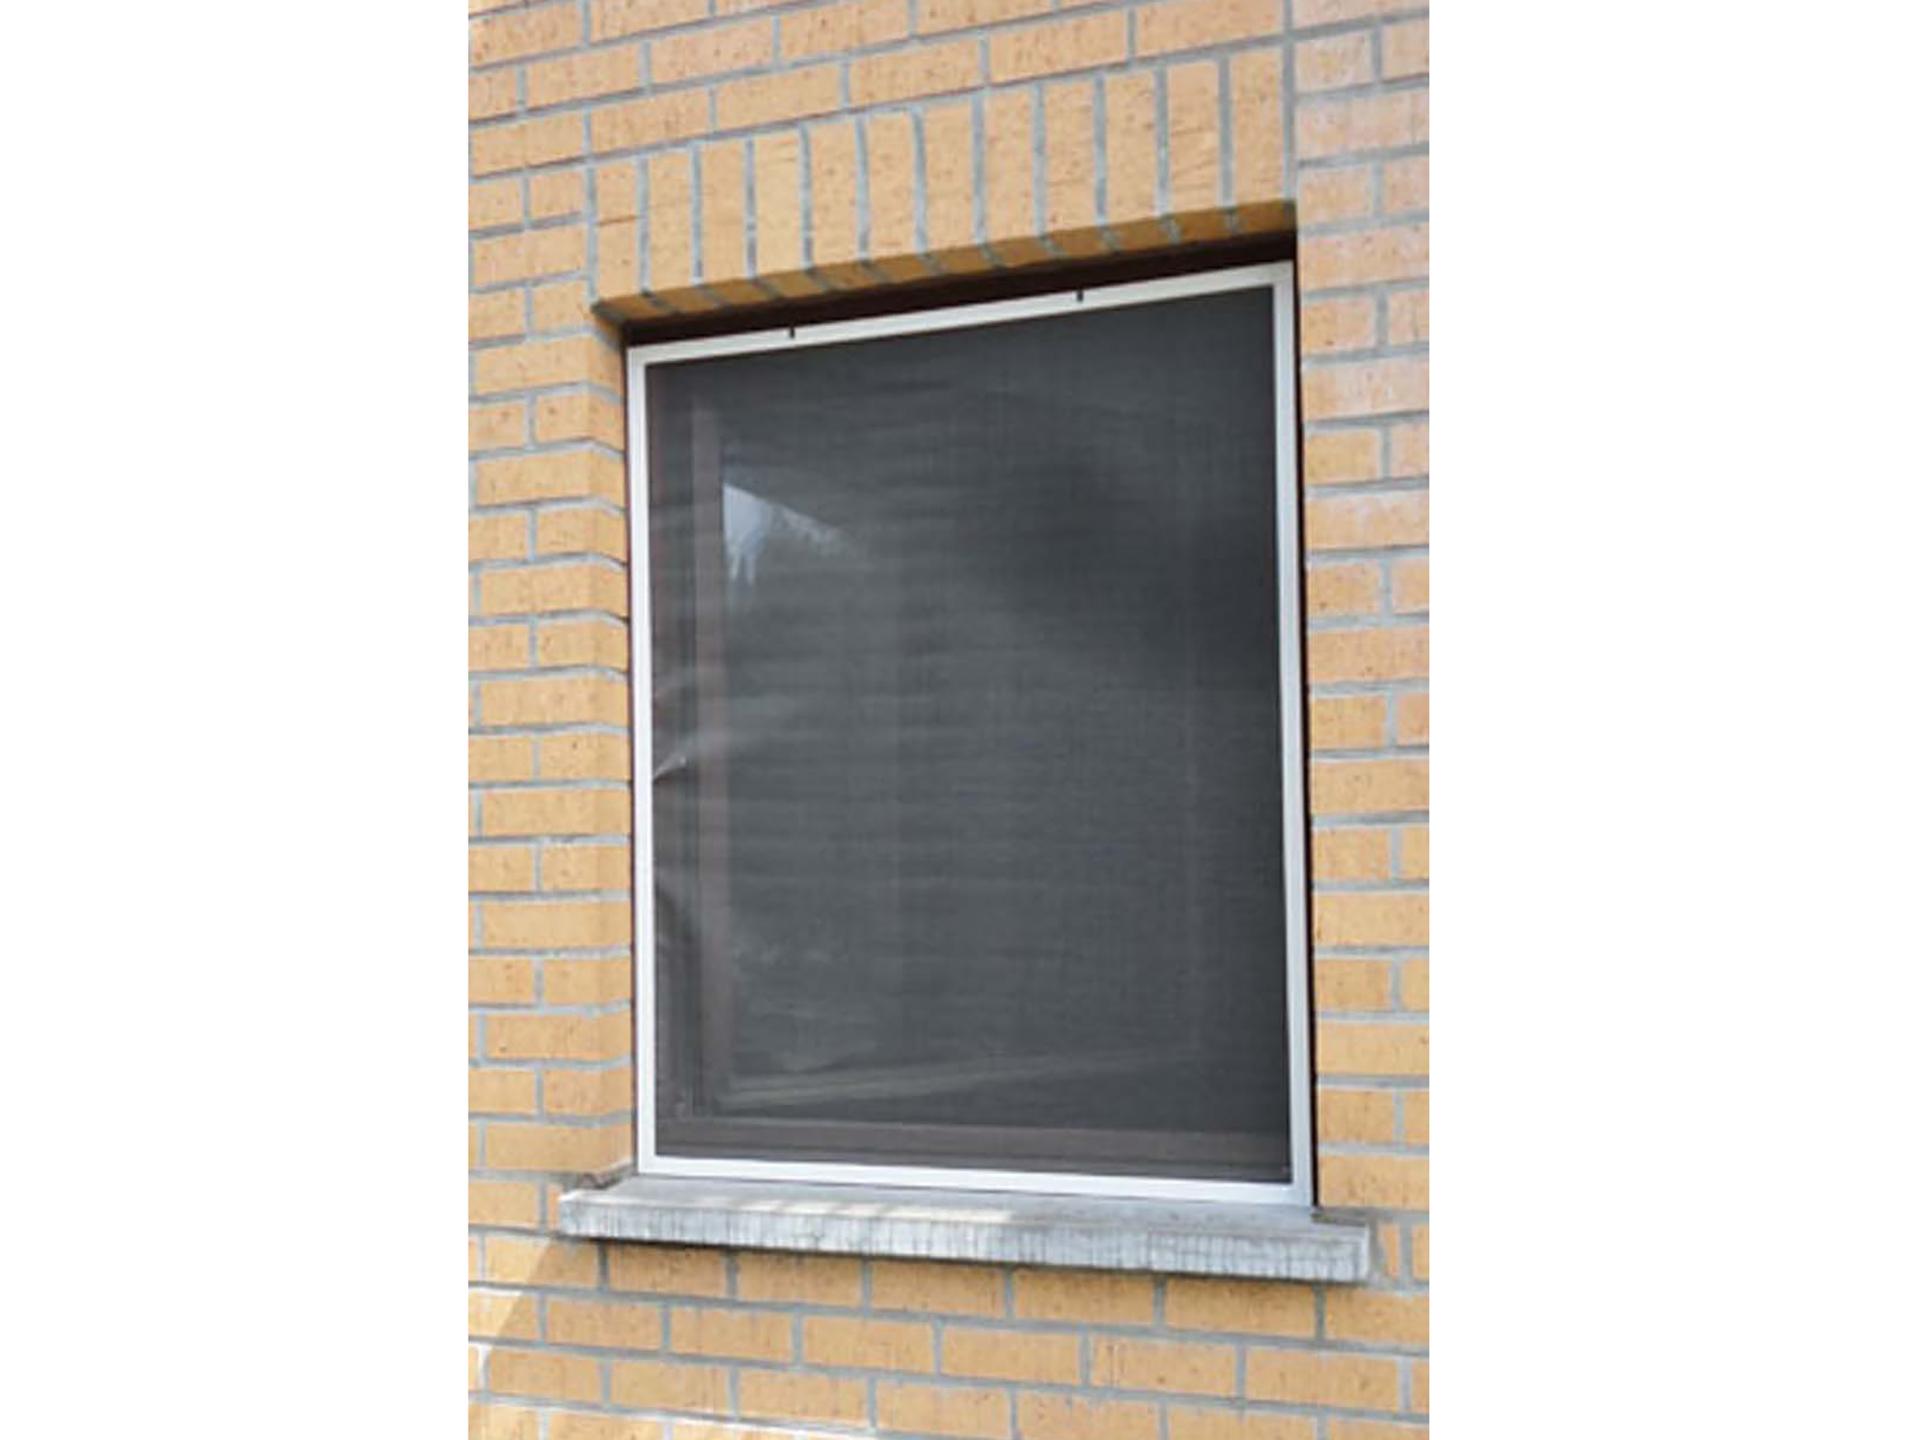 Wonerful porte moustiquaire aluminium depictions - Moustiquaire pour fenetre de toit ...